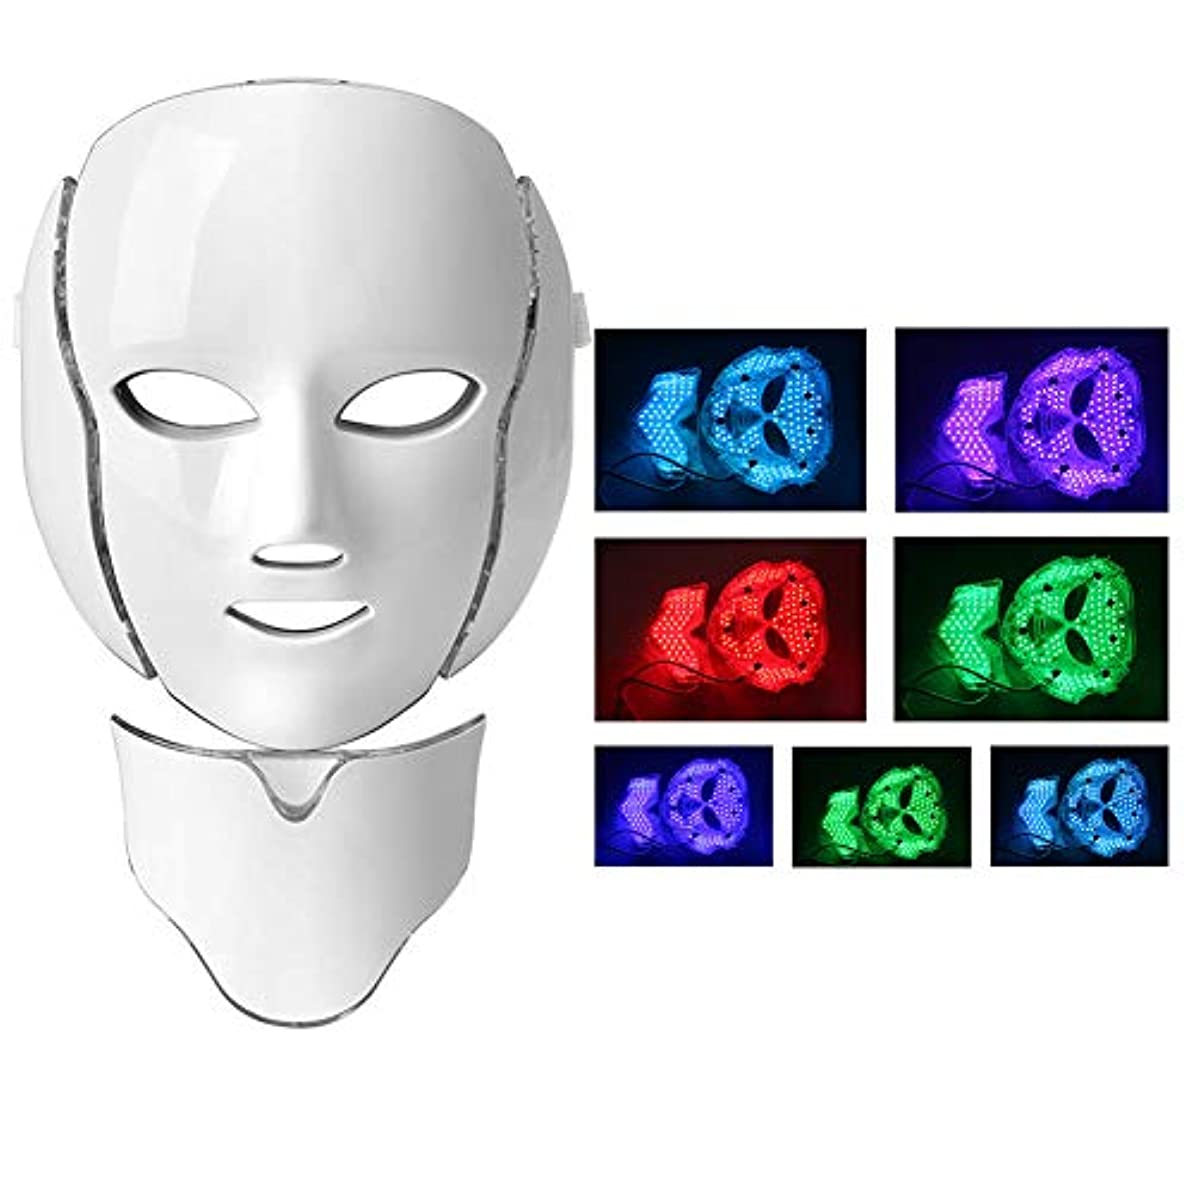 密輸エレメンタル目を覚ます光療法フェイスマスク、光子療法7色のにきび治療Led光子マスク顔スキンケア抗老化キット